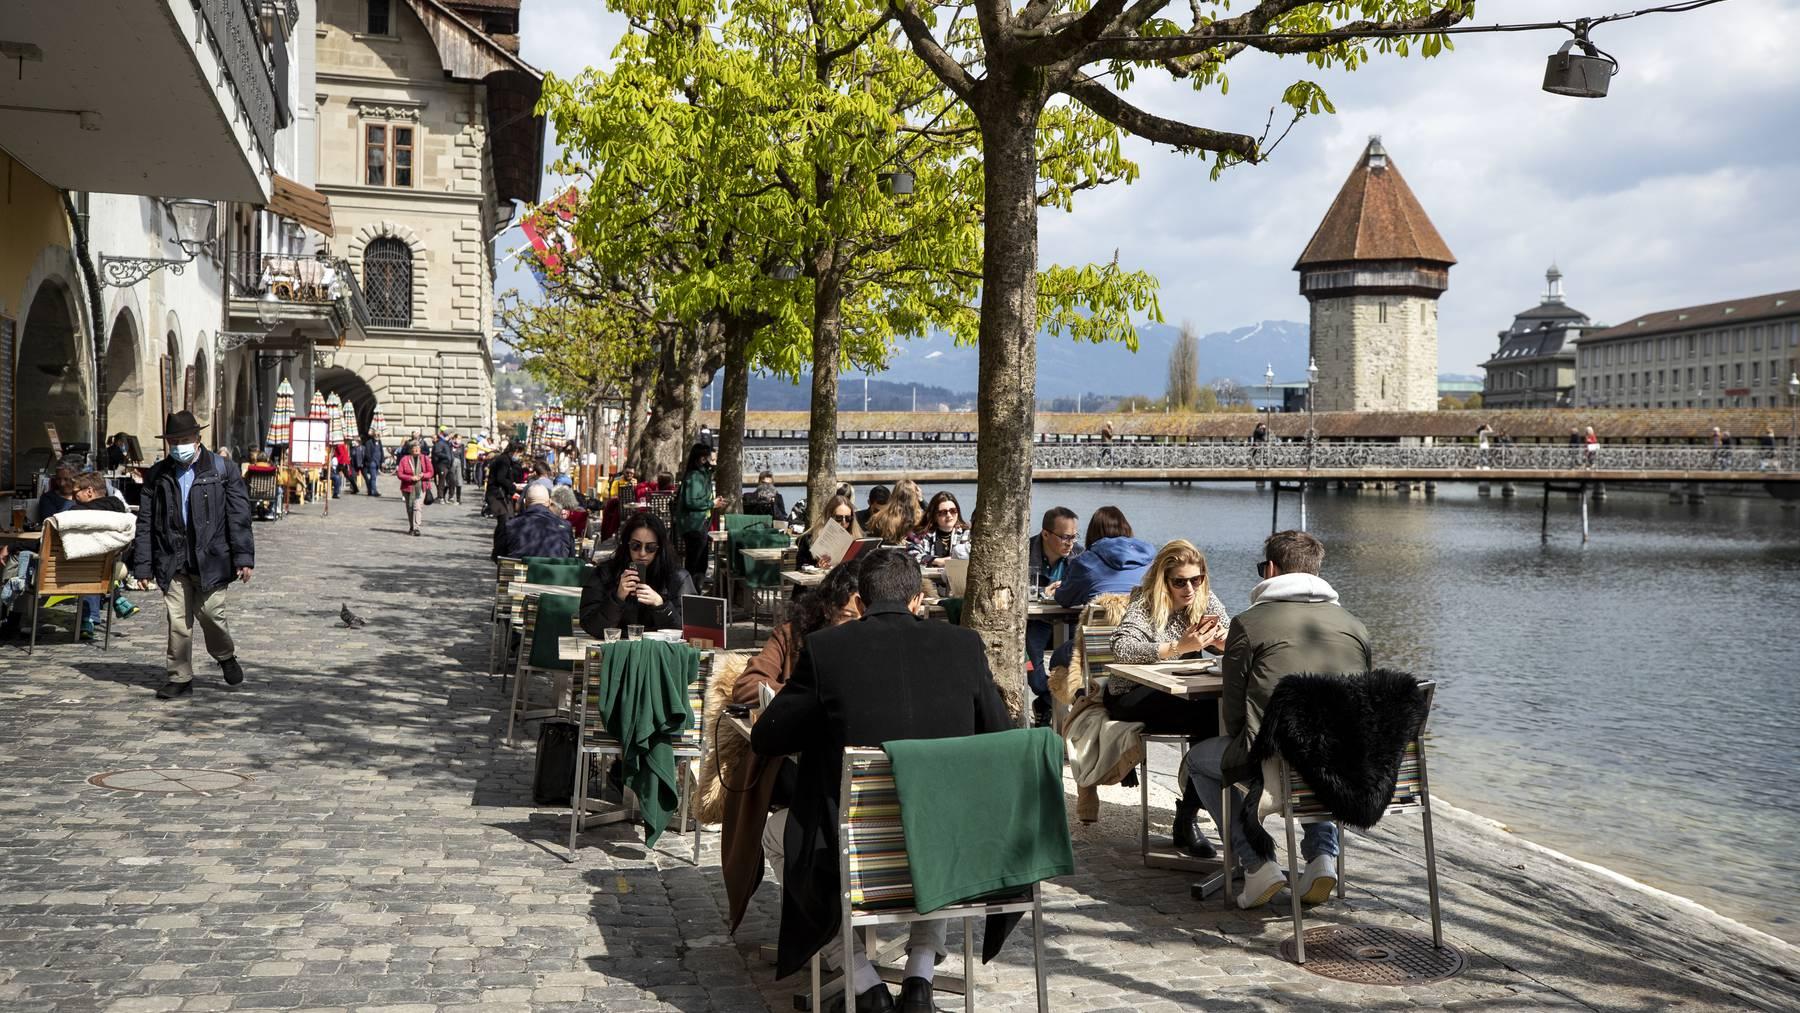 Keine andere Stadt in der Schweiz hat im letzten Jahr mehr Restaurant-Bewertungen erhalten als Luzern.